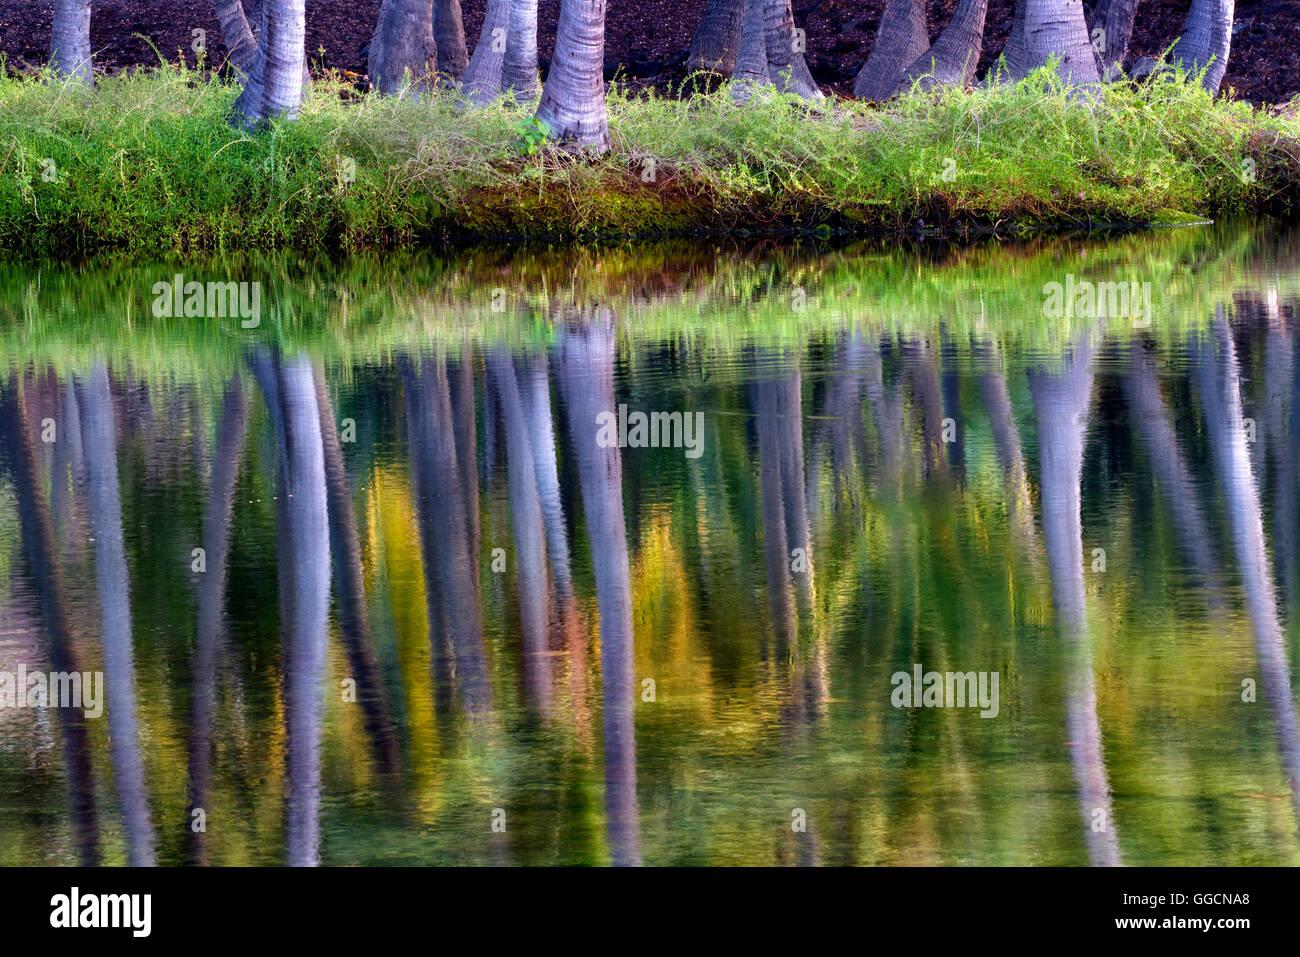 Palmeras reflejando en agua de Kaaiopio Lahuipua'a y estanques. La Isla de Hawaii Imagen De Stock